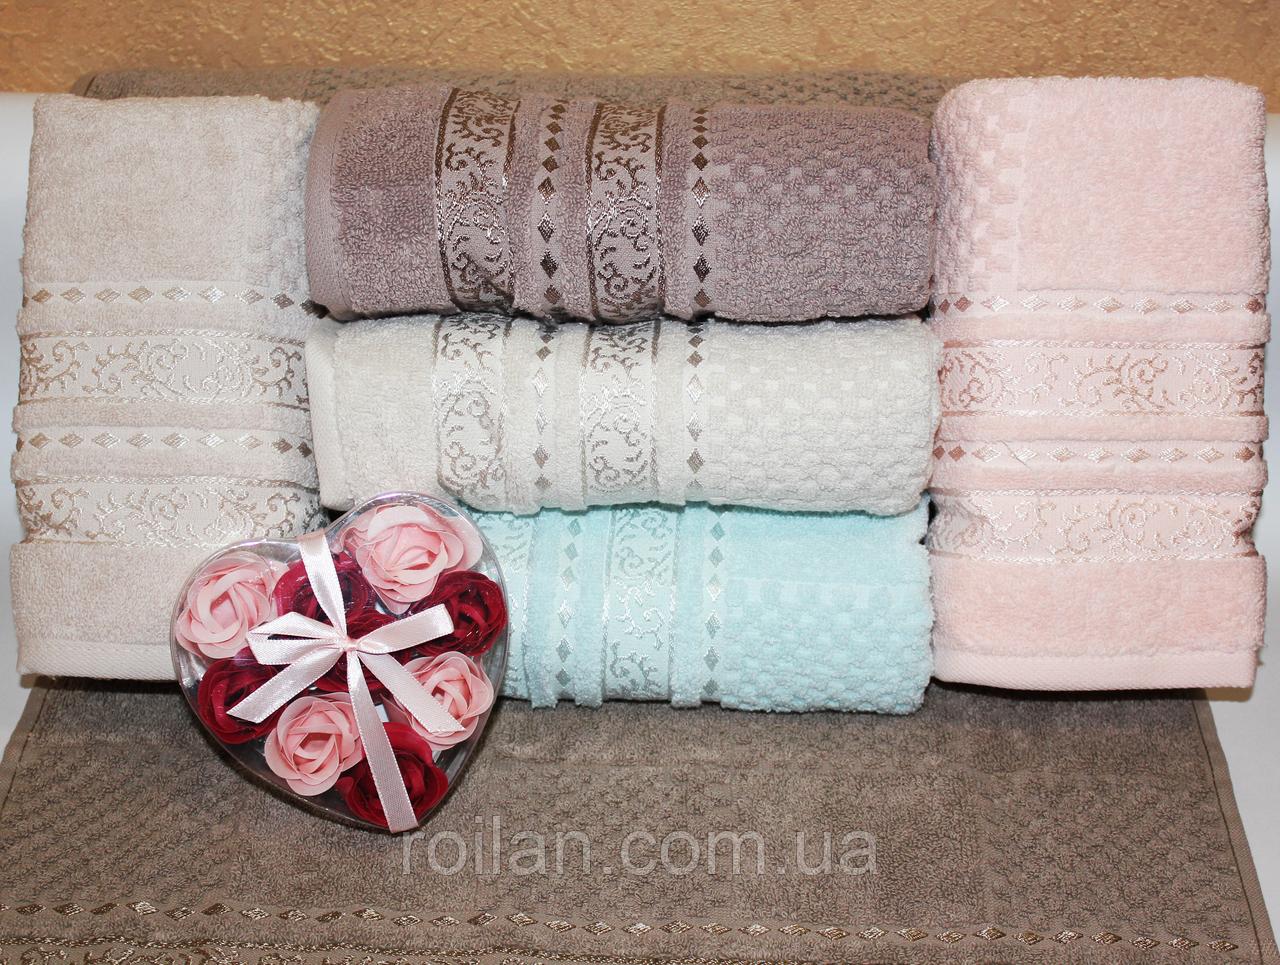 Махровые турецкие банные полотенца